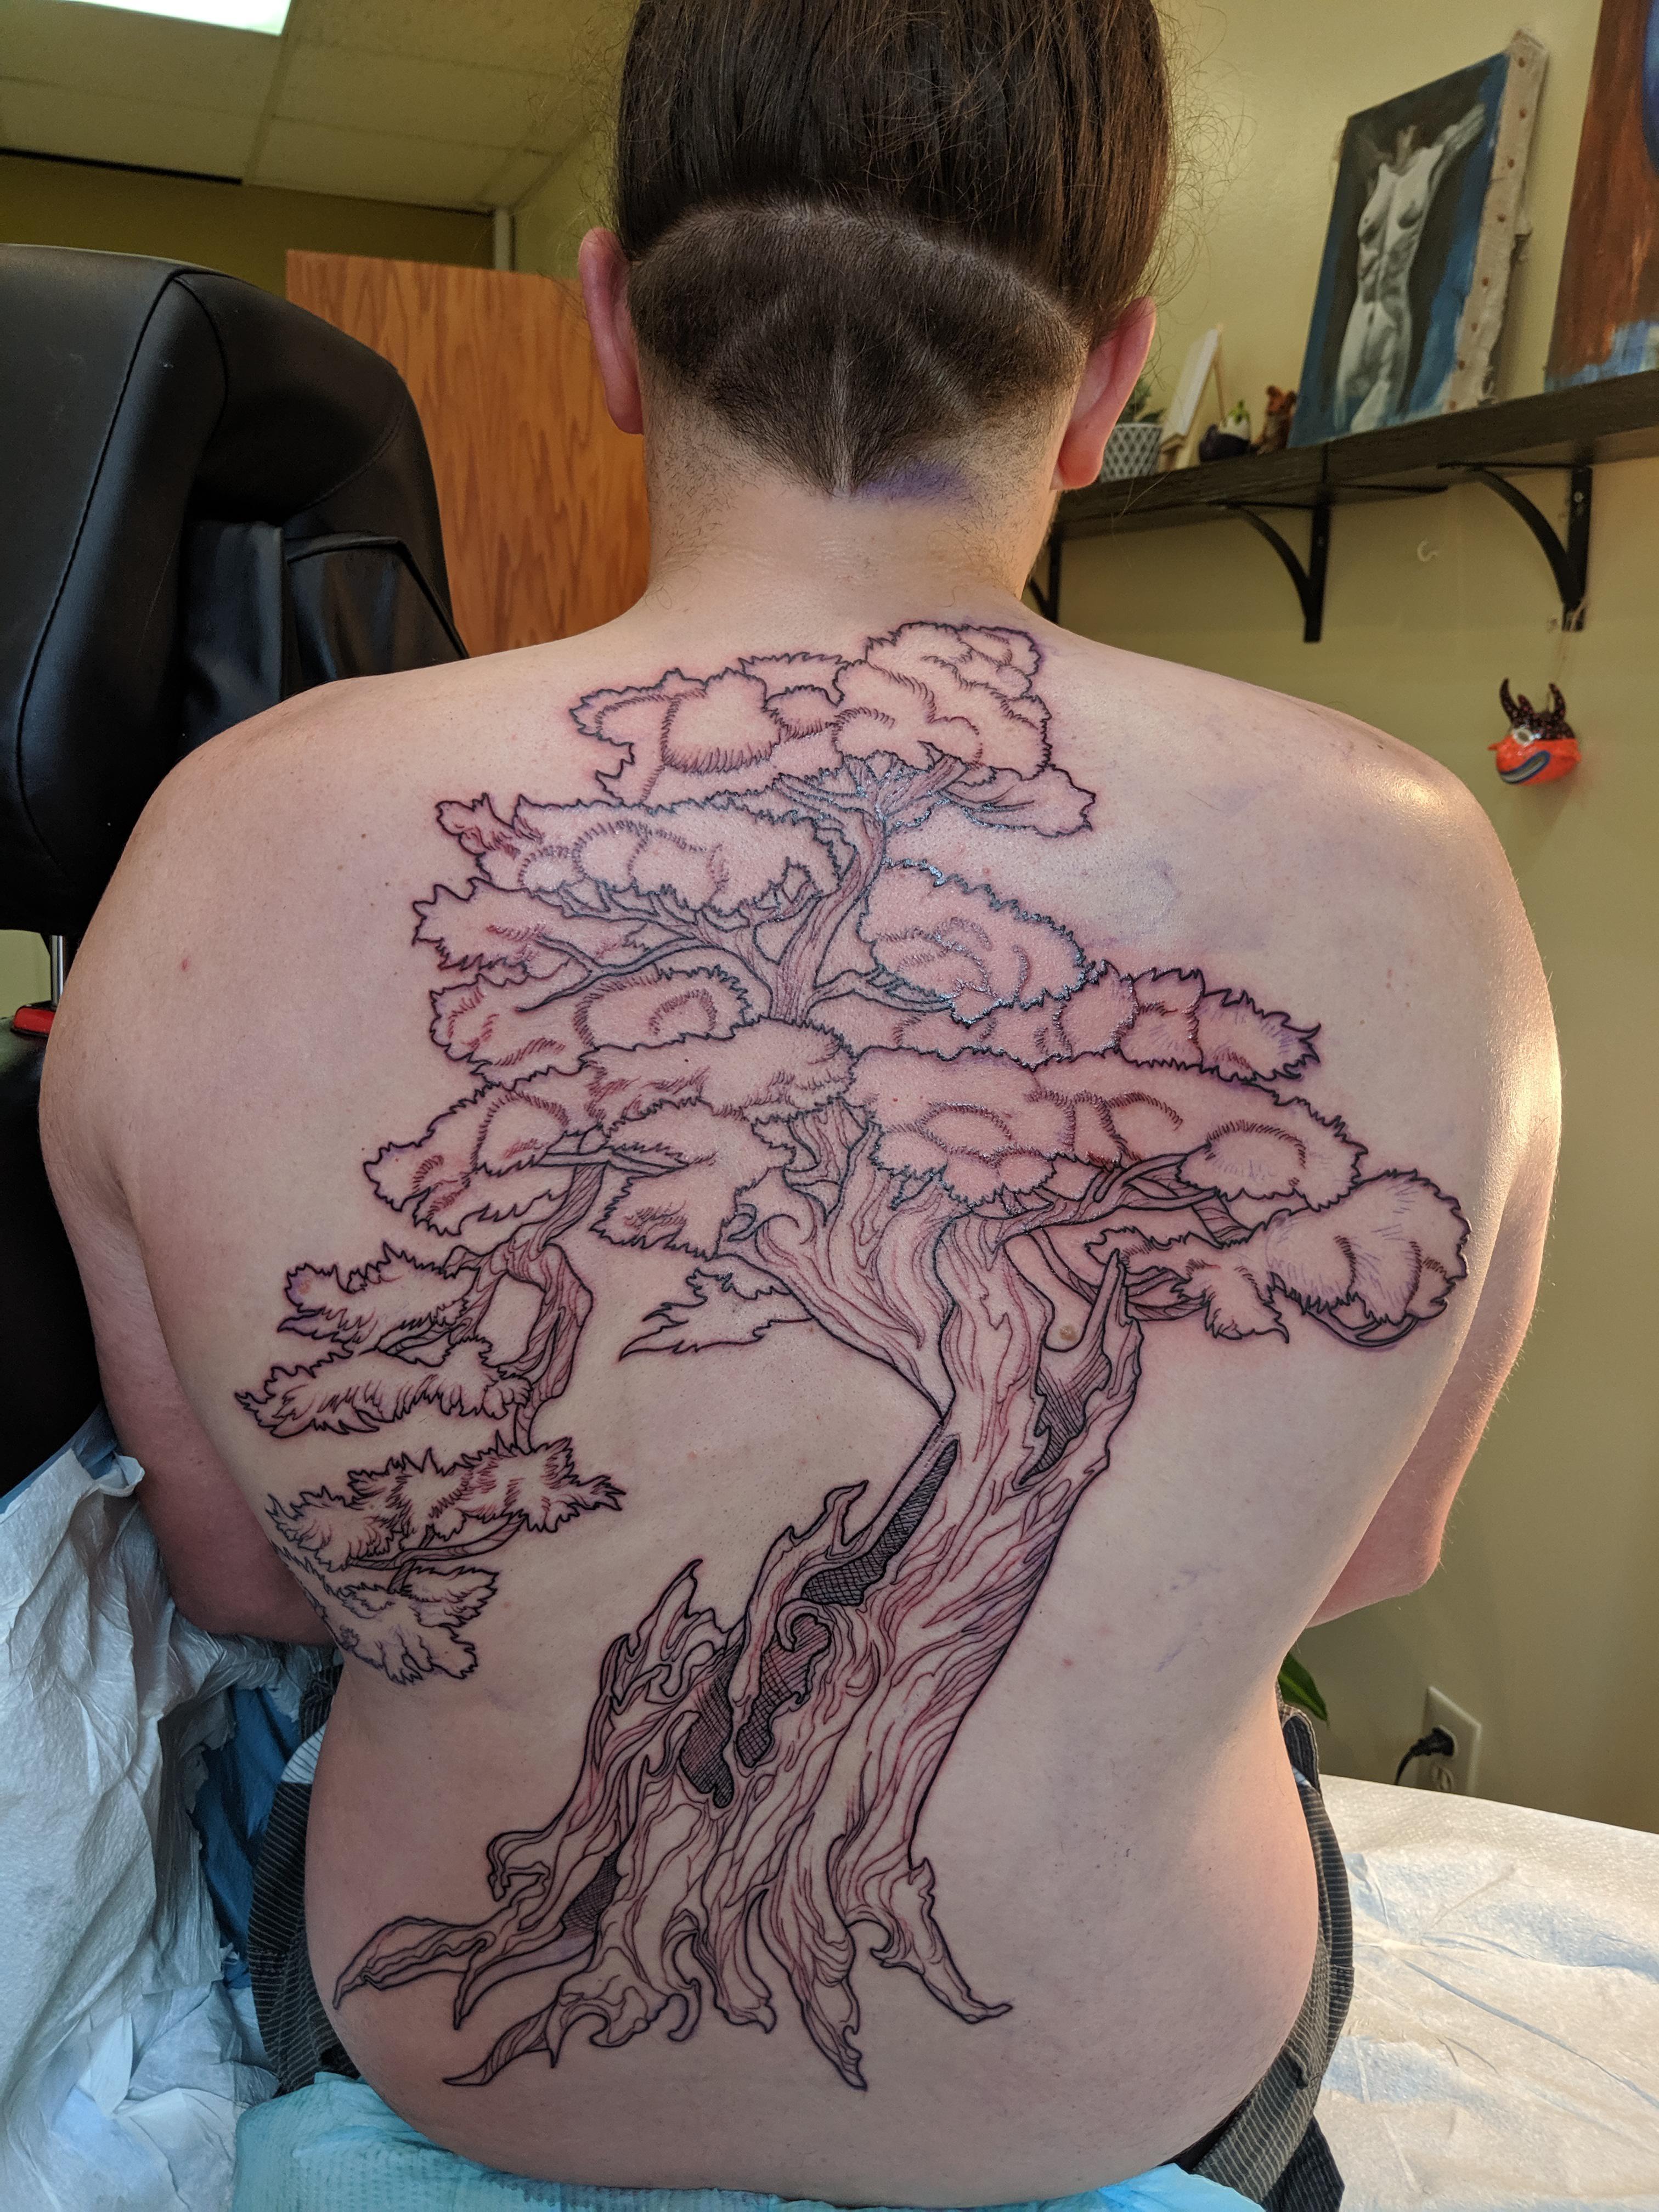 Bonsai Tree Tattoo : bonsai, tattoo, First, Tree...., Tattoo!, Tattoo., Perfect, Specimen,, Neither, That's, Life!, Bonsai